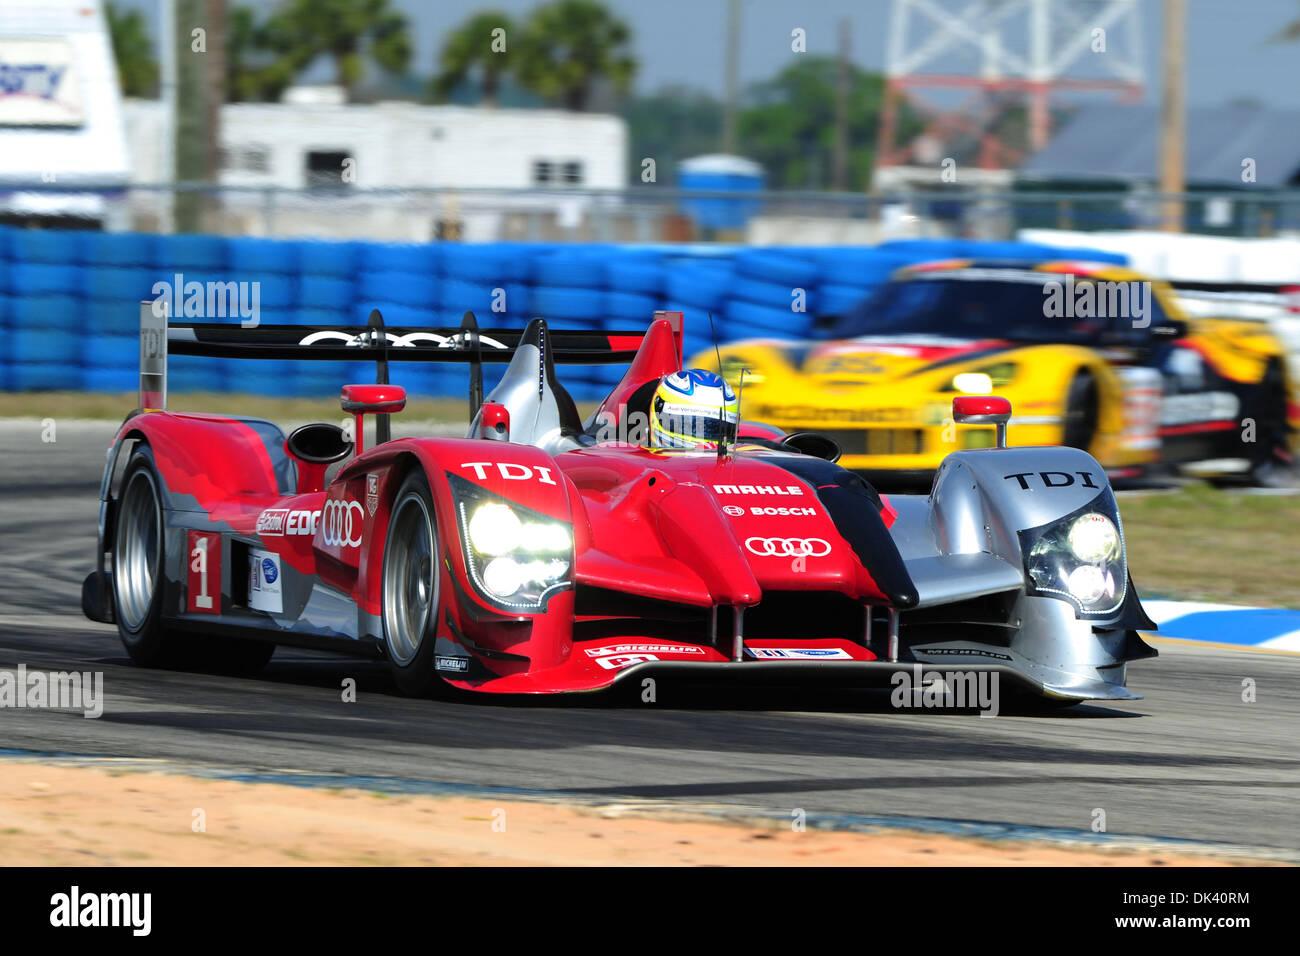 16. März 2011 - treibt Sebring, Florida, USA - Audi Sport-Fahrer MIKE ROCKENFELLER, Deutschlands, der R15 Plus während der Tests für die 12 Stunden von Sebring. (Kredit-Bild: © Rainier Ehrhardt/ZUMApress.com) Stockbild